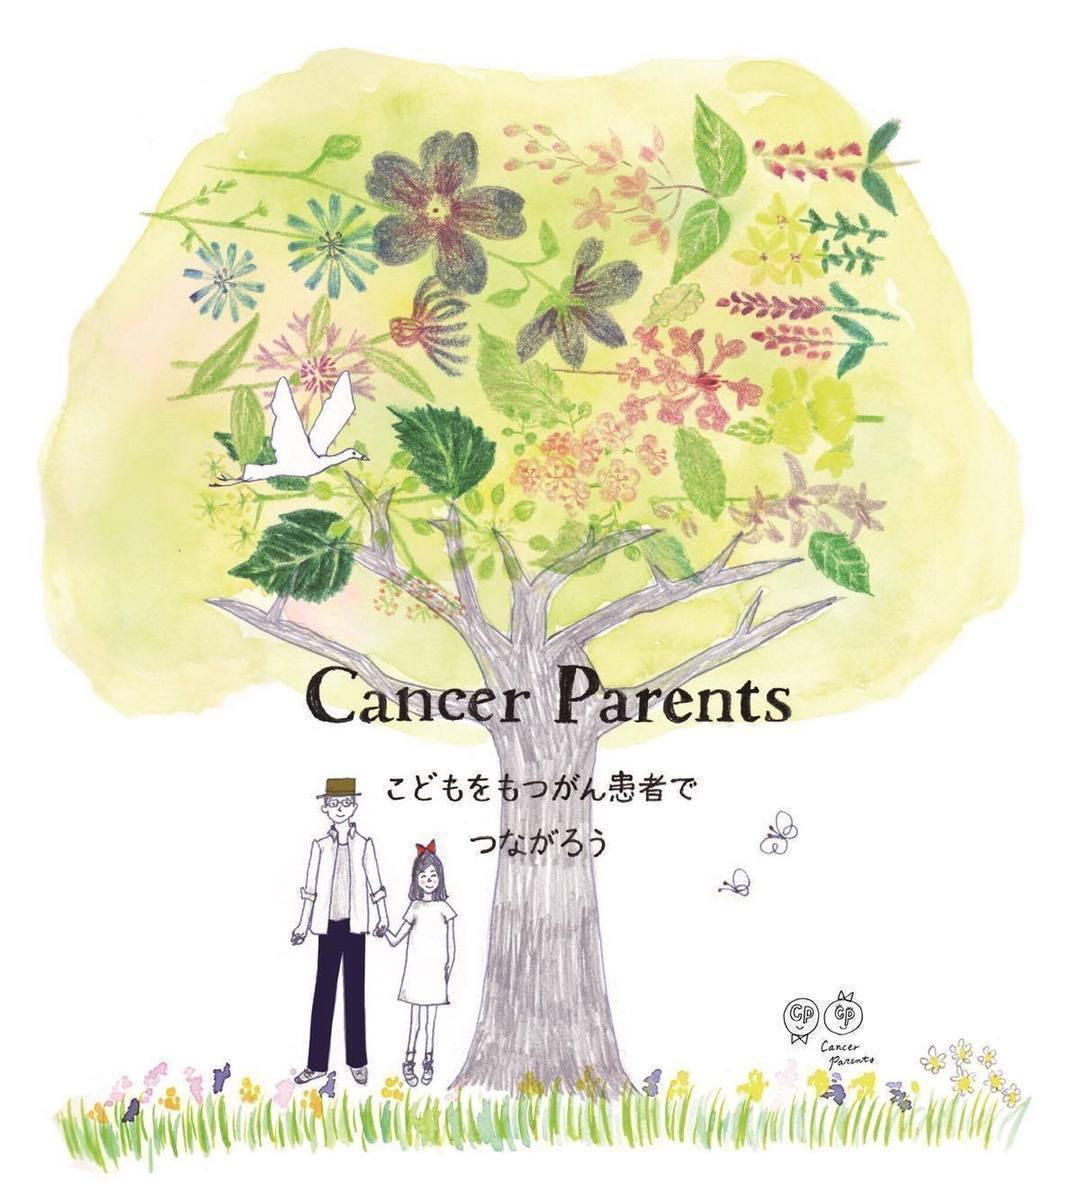 【前を向いて生きるということ #1】胆管がんステージ4だと告知された日